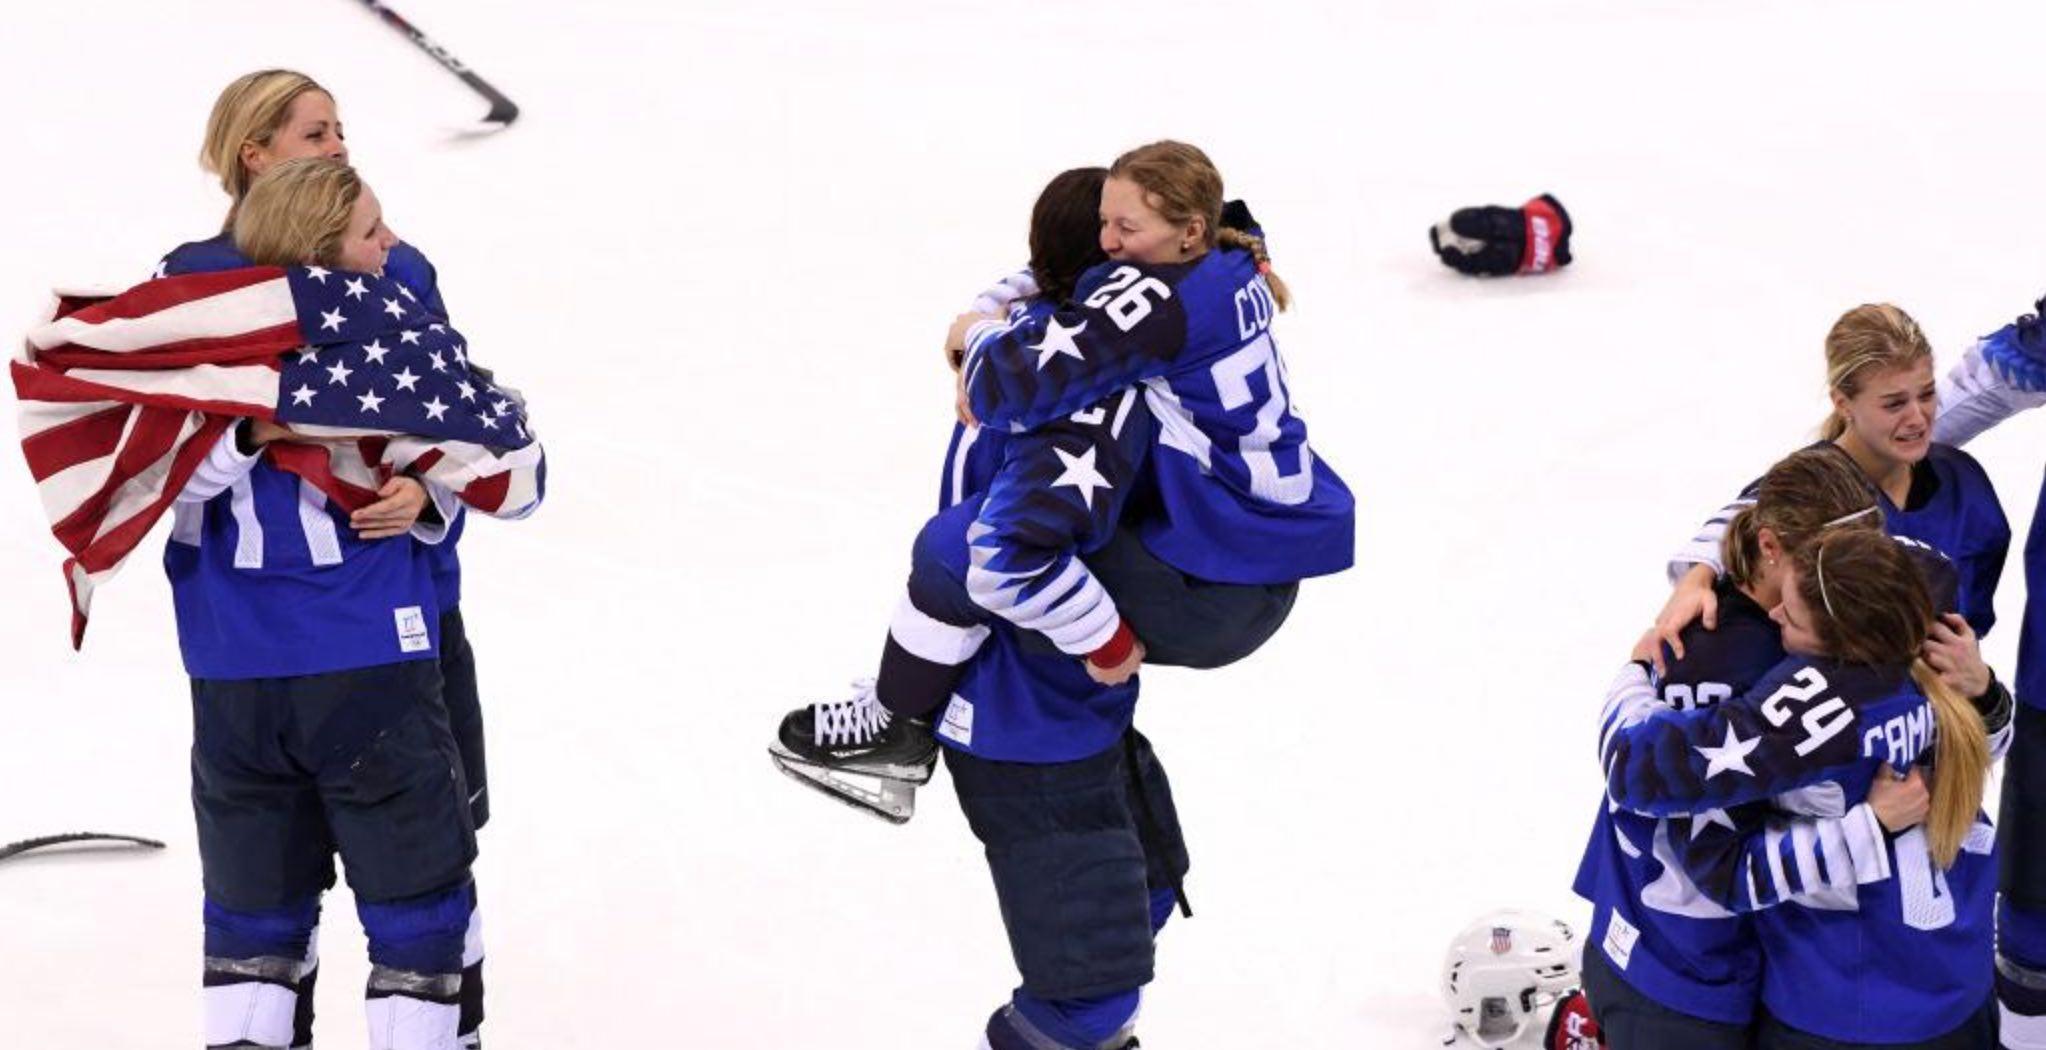 Team USA wins over team Canada